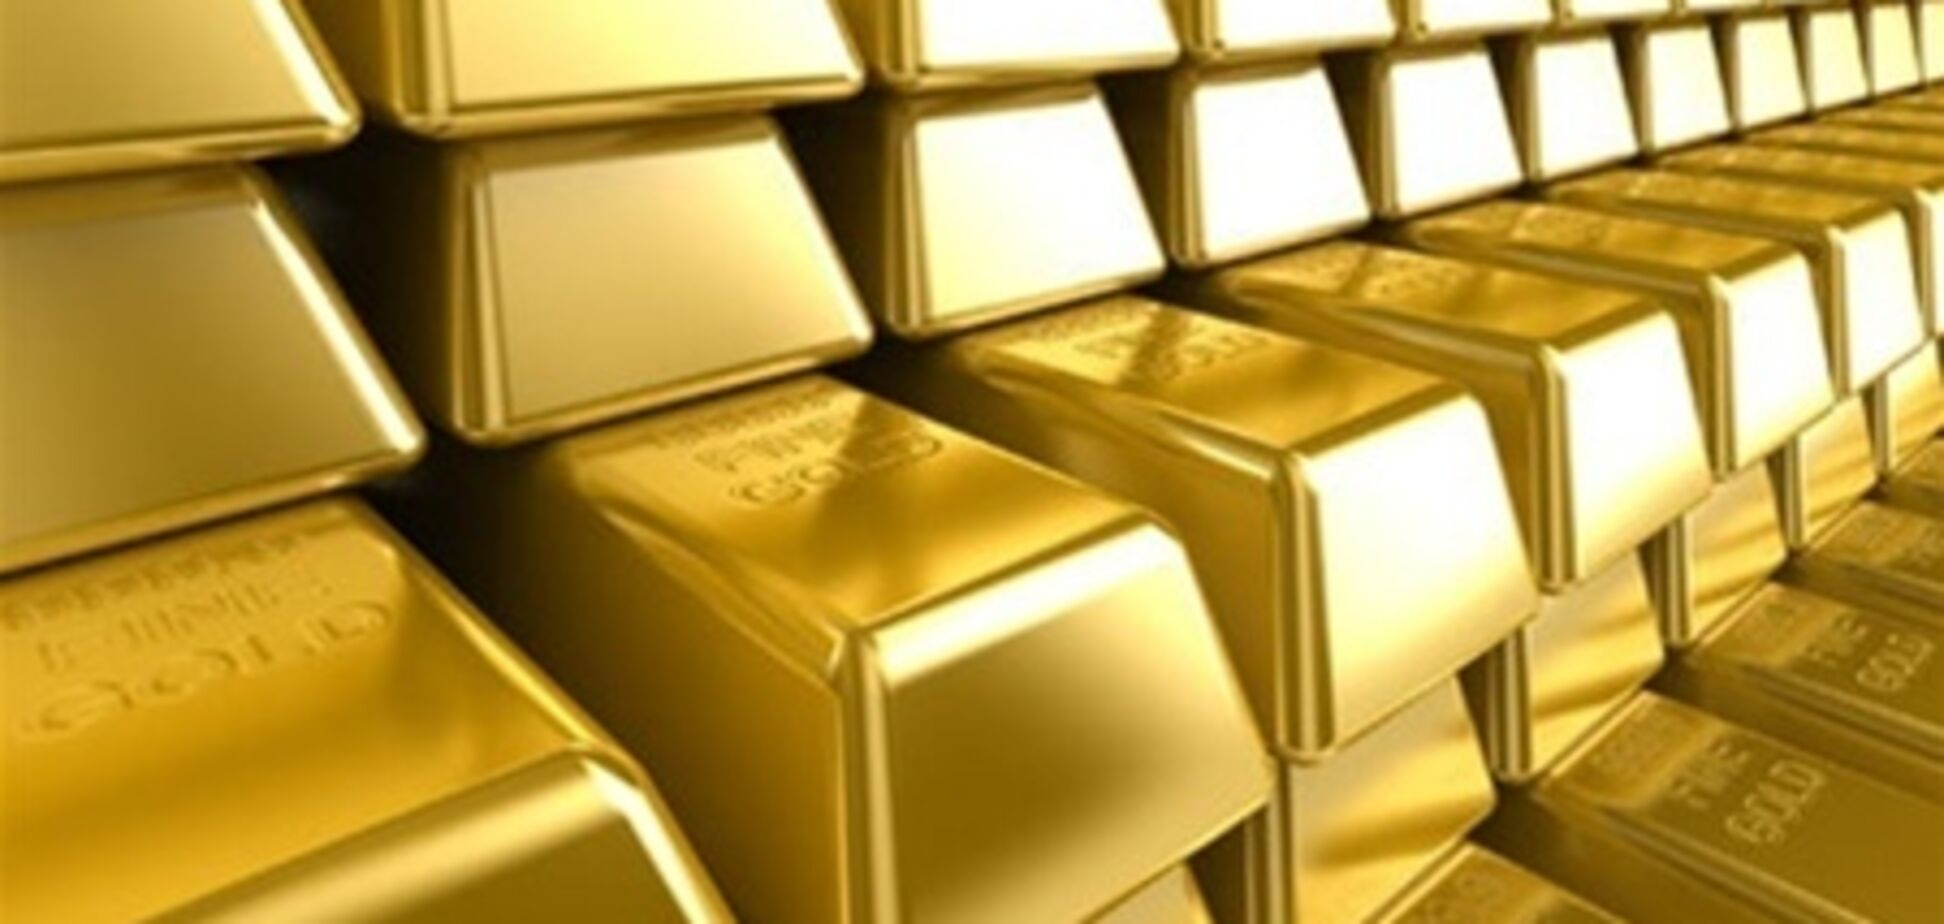 НБУ повысил стоимость золота, 31 мая 2013